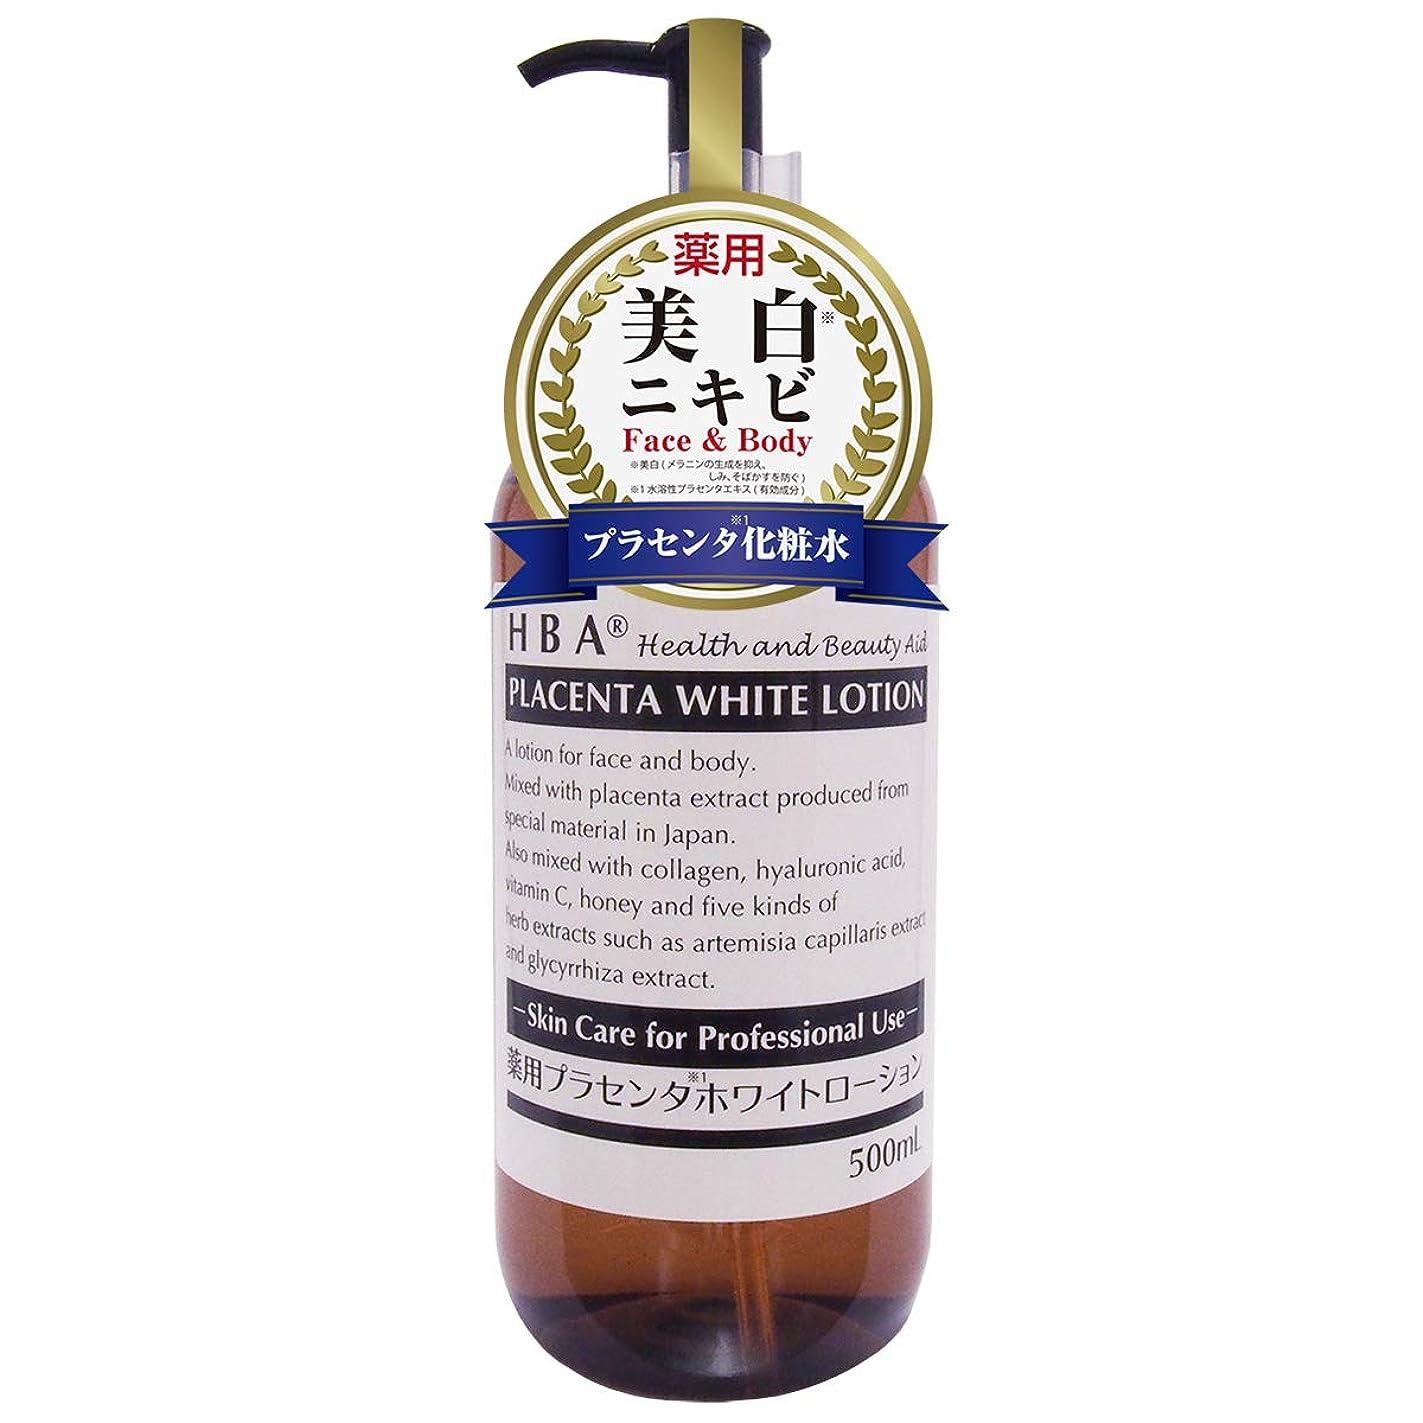 利得バイオレット刺激するHBA 薬用プラセンタ ホワイトローション (500mL)